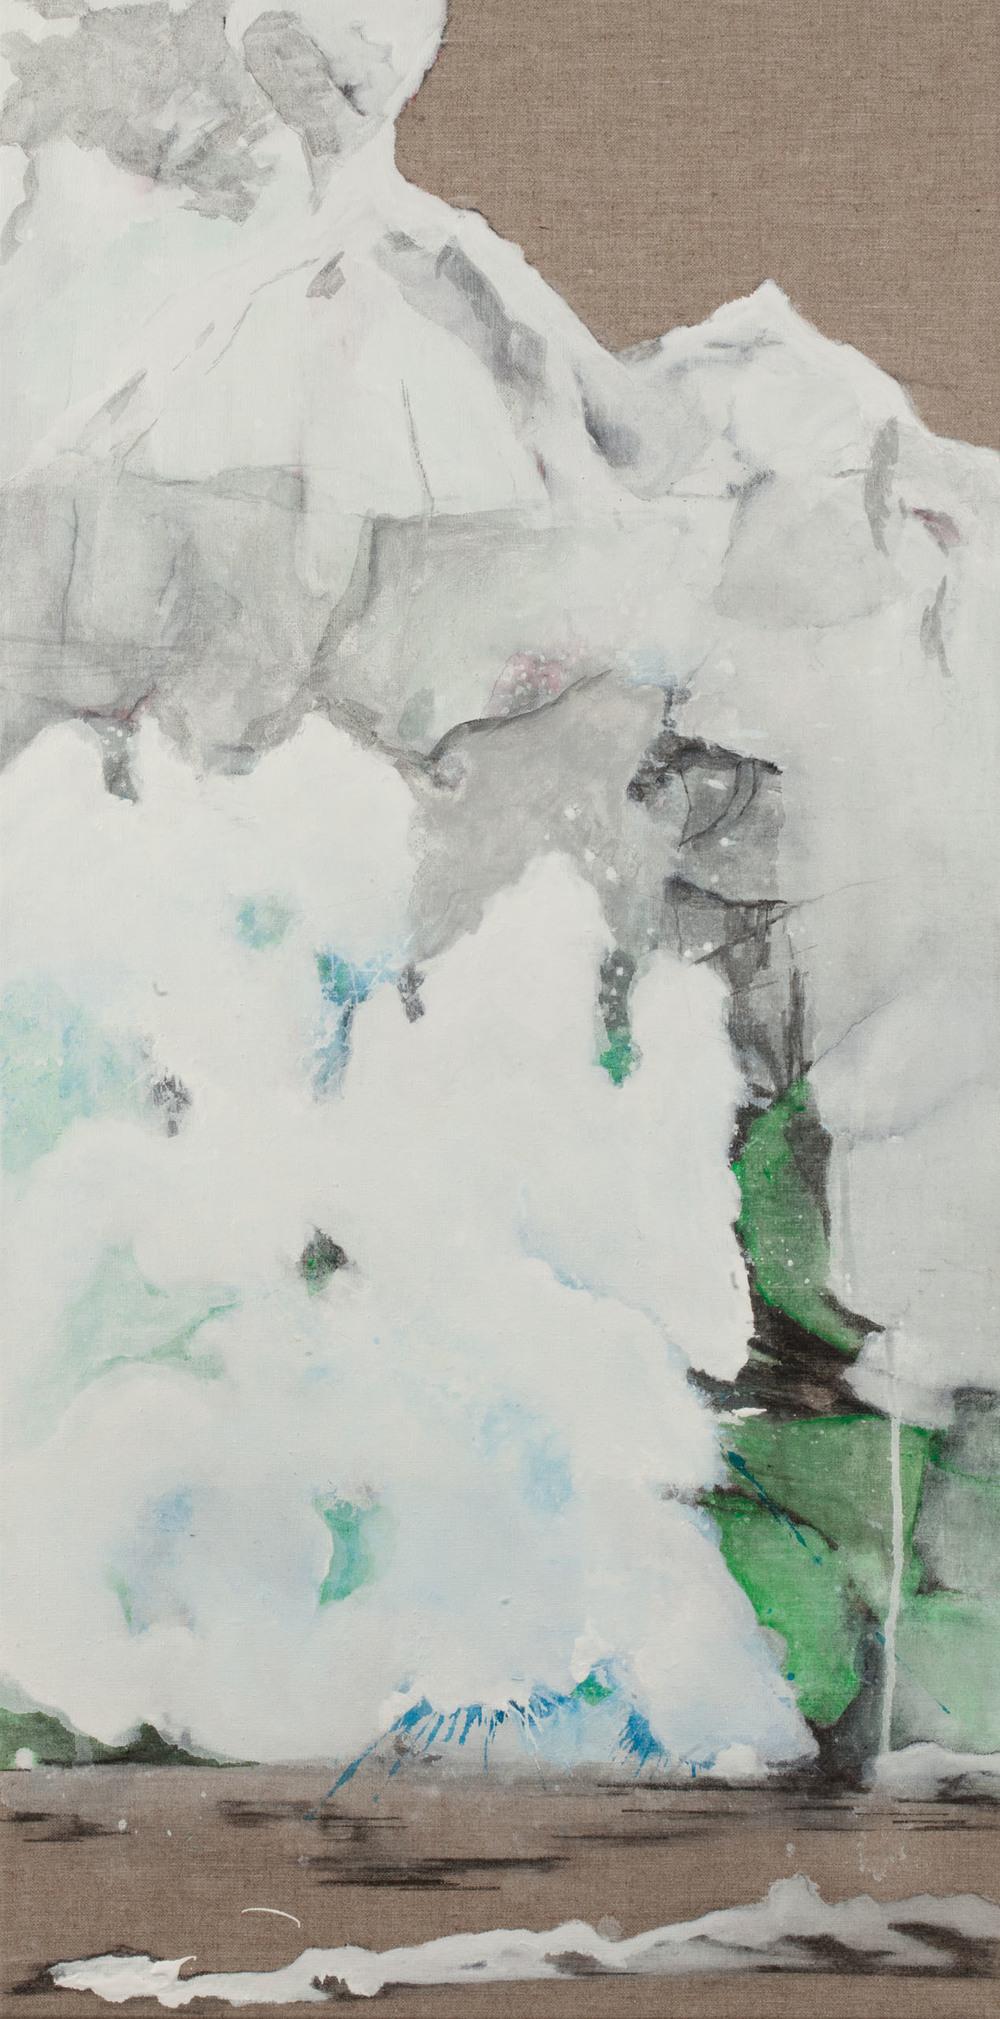 Colette Murphy_-_Glacier Face_oil on linen_60 x 30cm.jpg